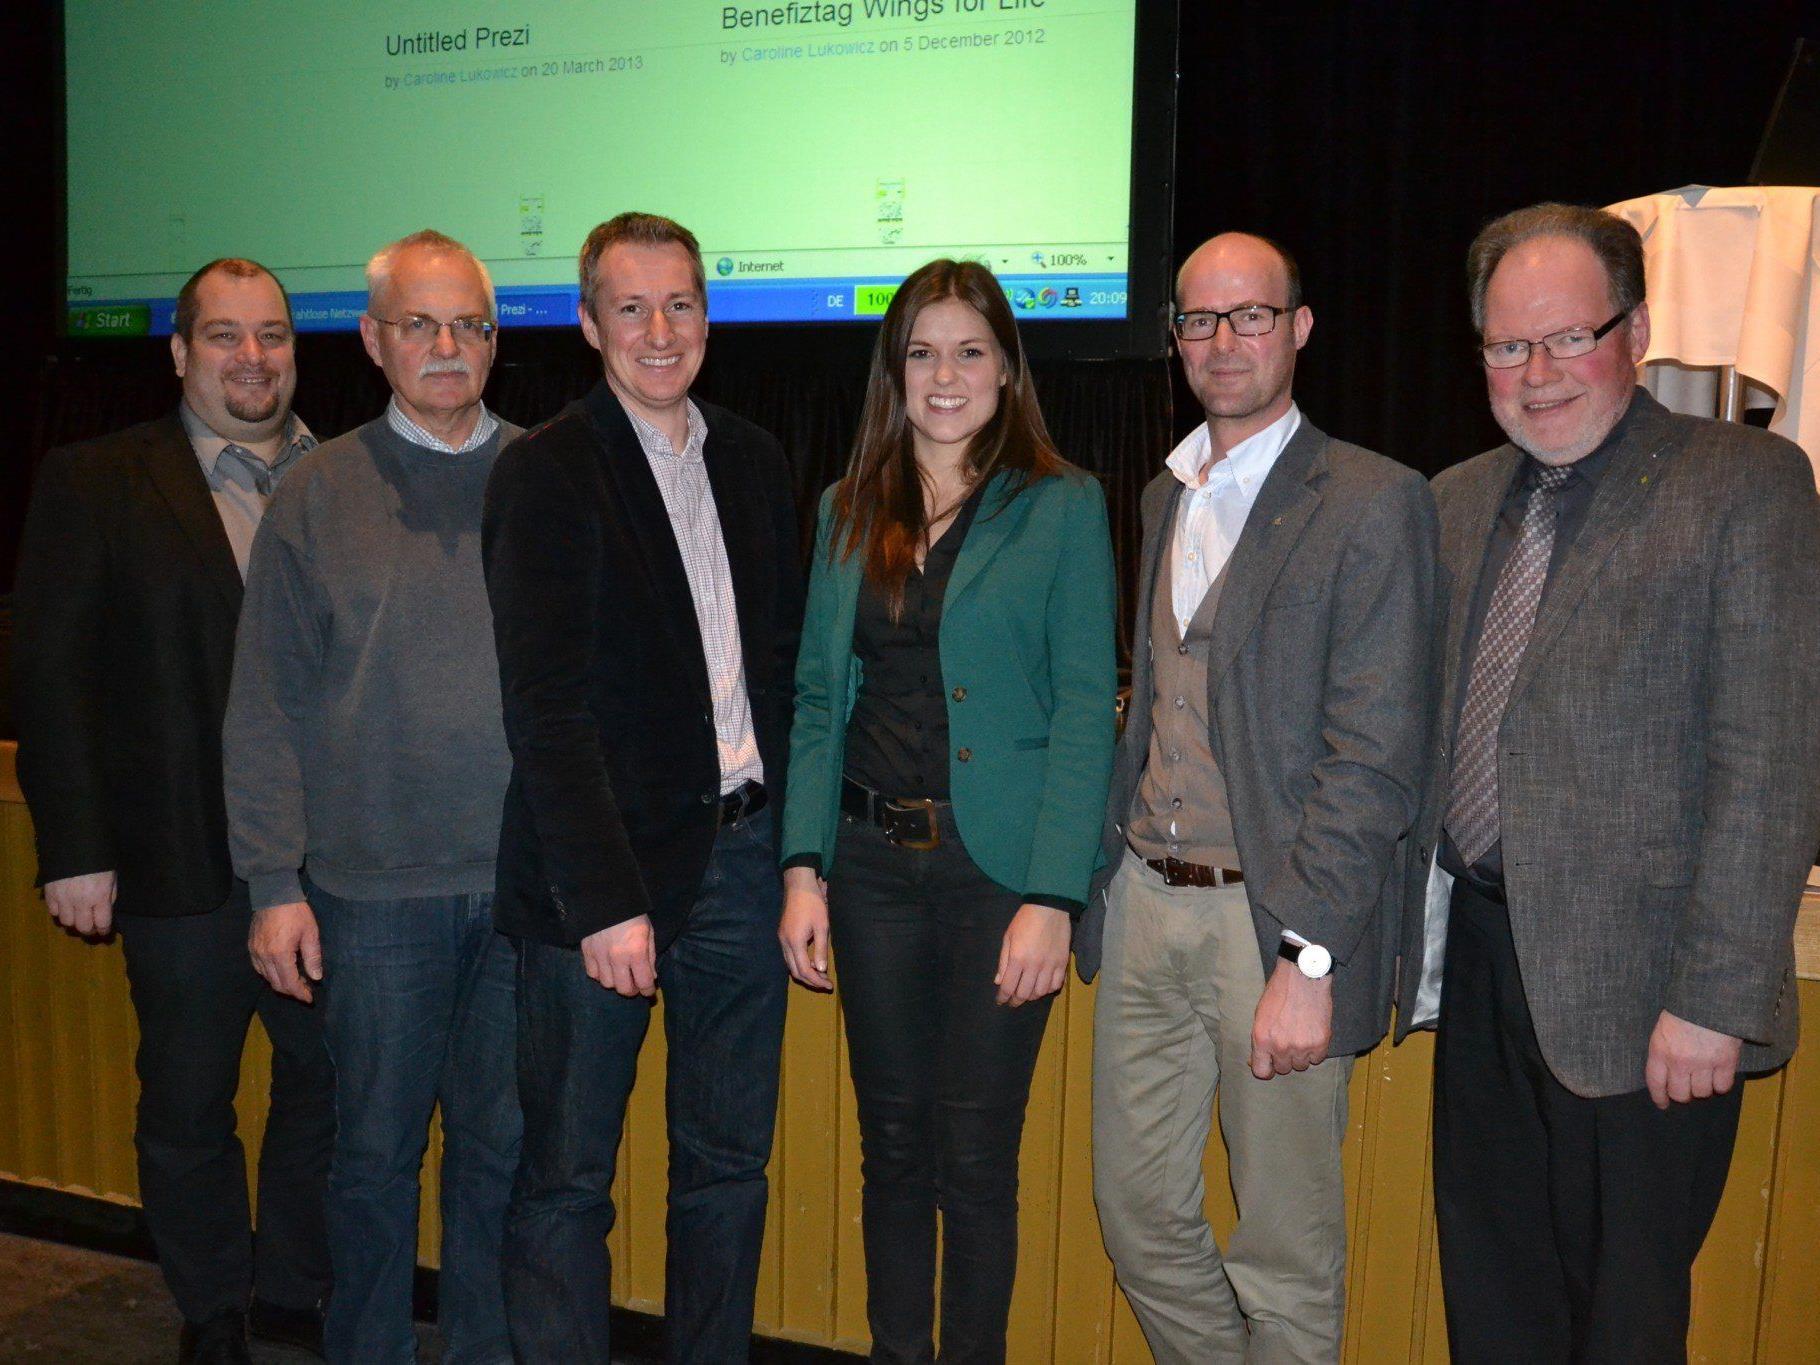 (v.l.) Die Projektverantwortlichen: Ralf Loacker (Loacker Tours), Walter Heinzle (e5 Gemeinde), Michael Stabodin, Caroline Lukowicz, Patrick Domig (AEEV) und Bgm. Werner Huber